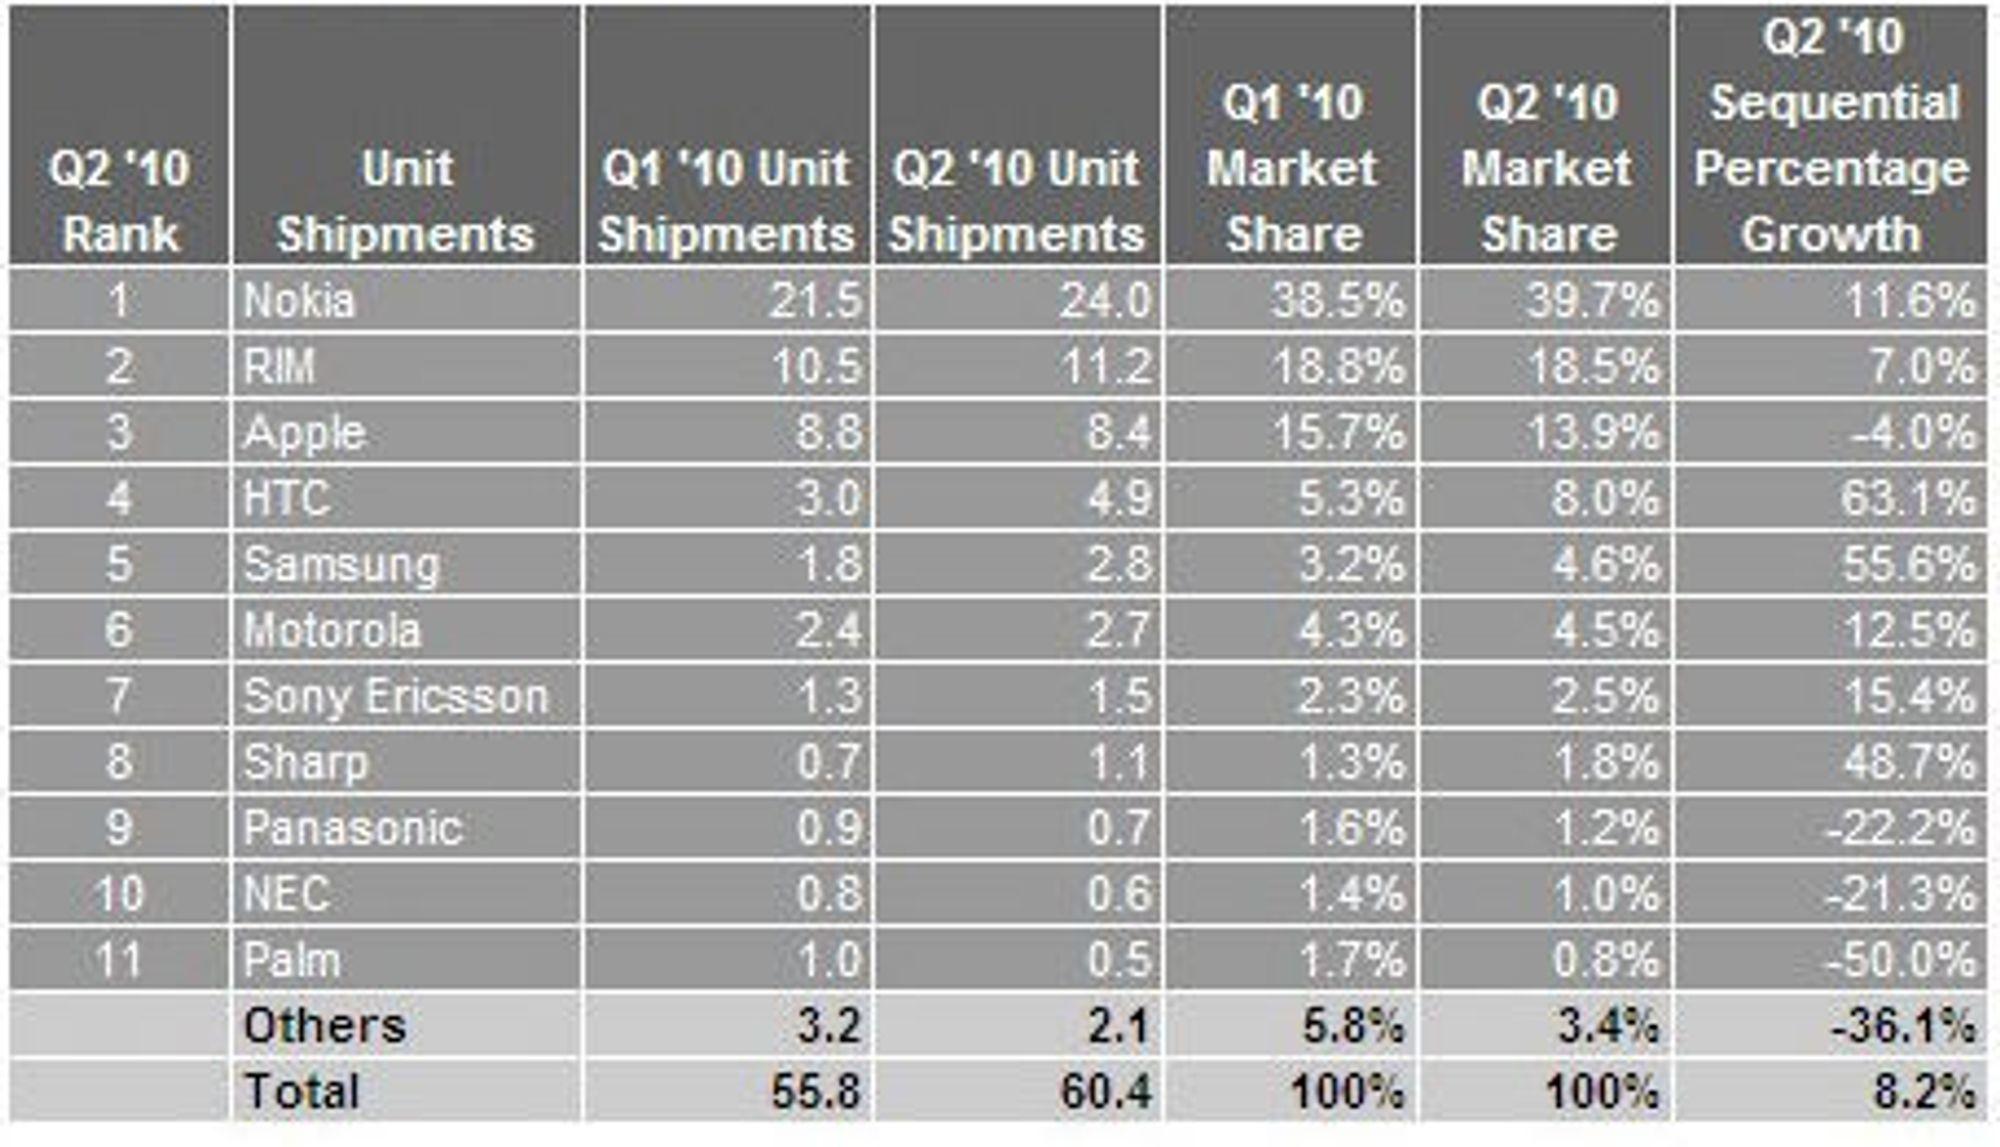 Smartmobilsalget i første og andre kvartal av 2010. Leveransetallene er oppgitt i antallet millioner leverte enheter.